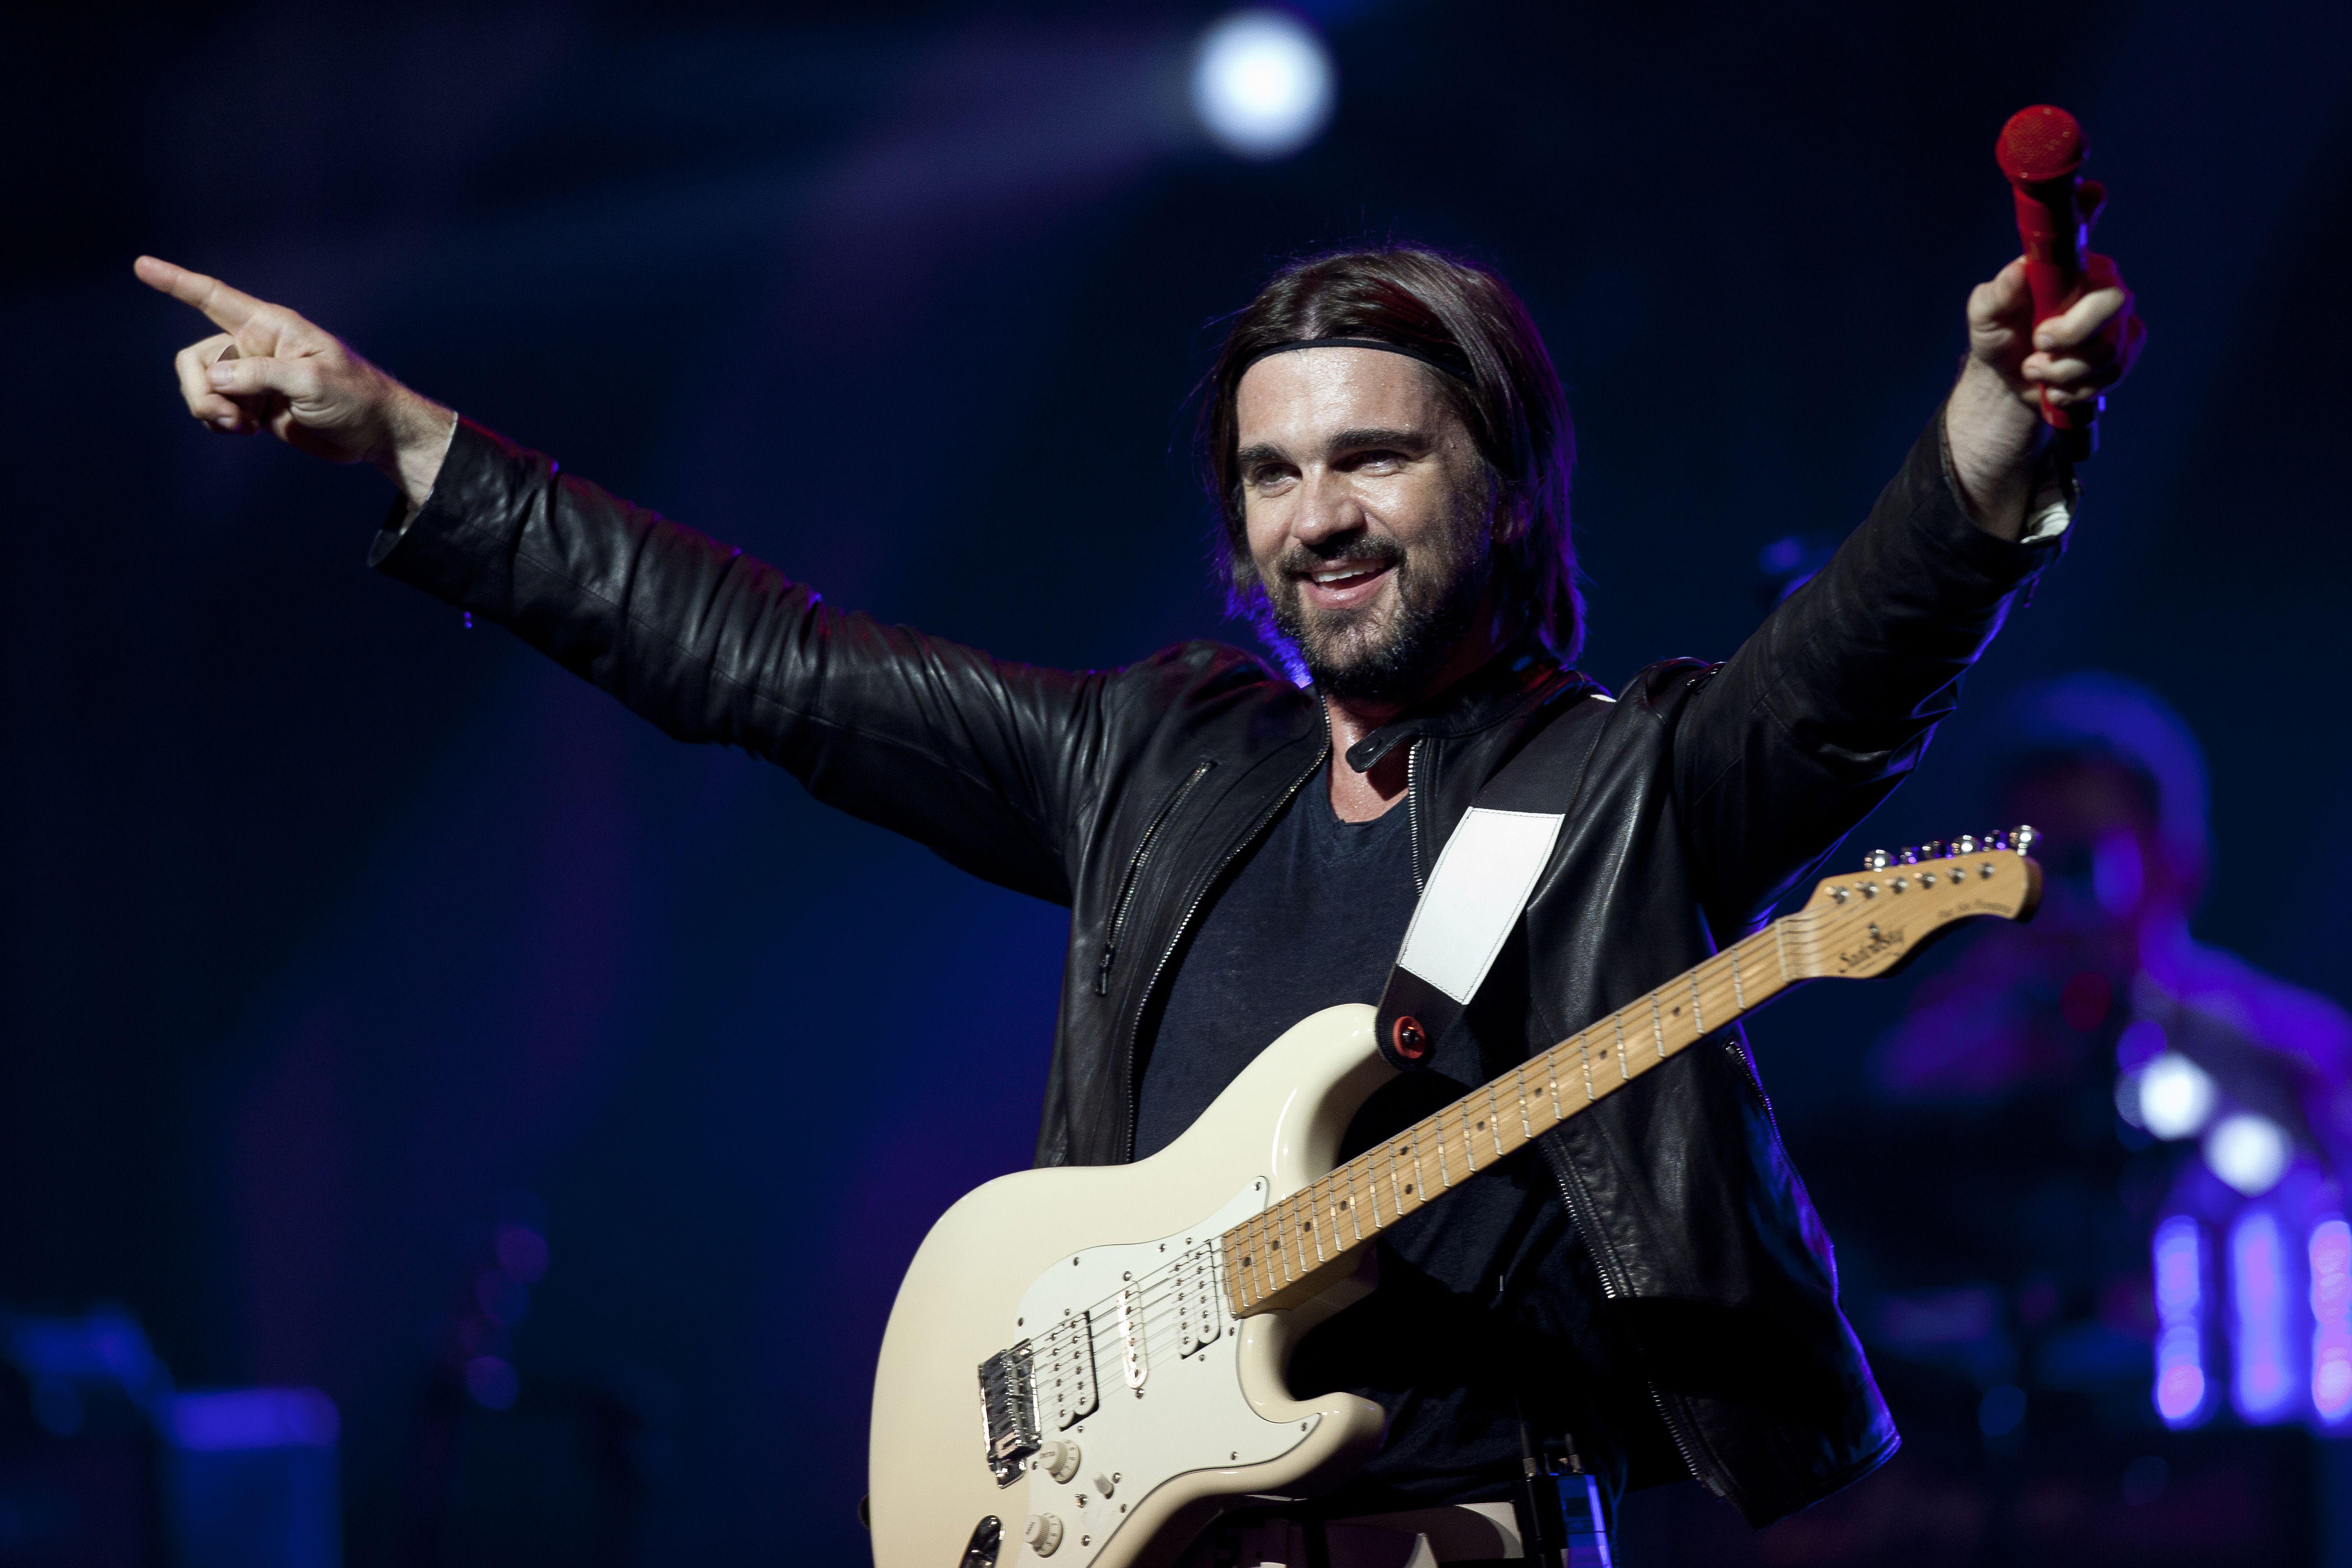 """El cantautor colombiano proclama que """"el mundo necesita más amor""""."""